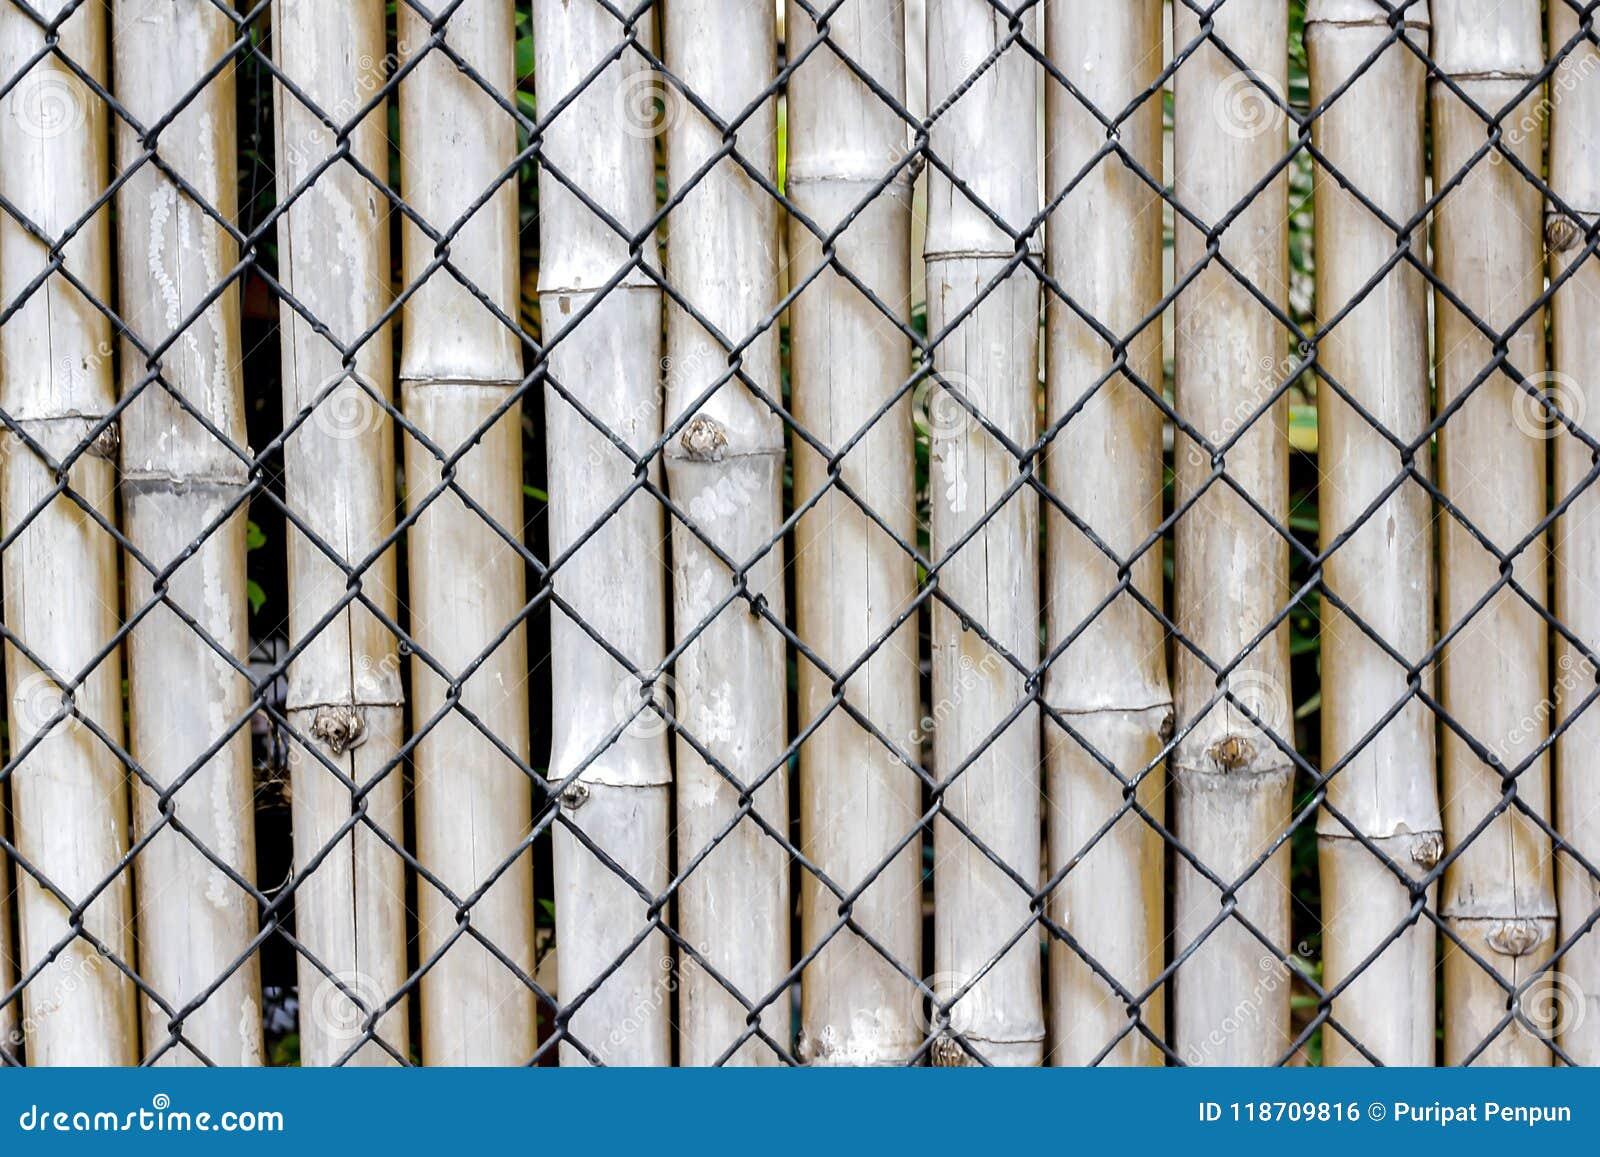 Le Grillage Et Le Bambou Sont Employés Pour Faire Des Barricades ...